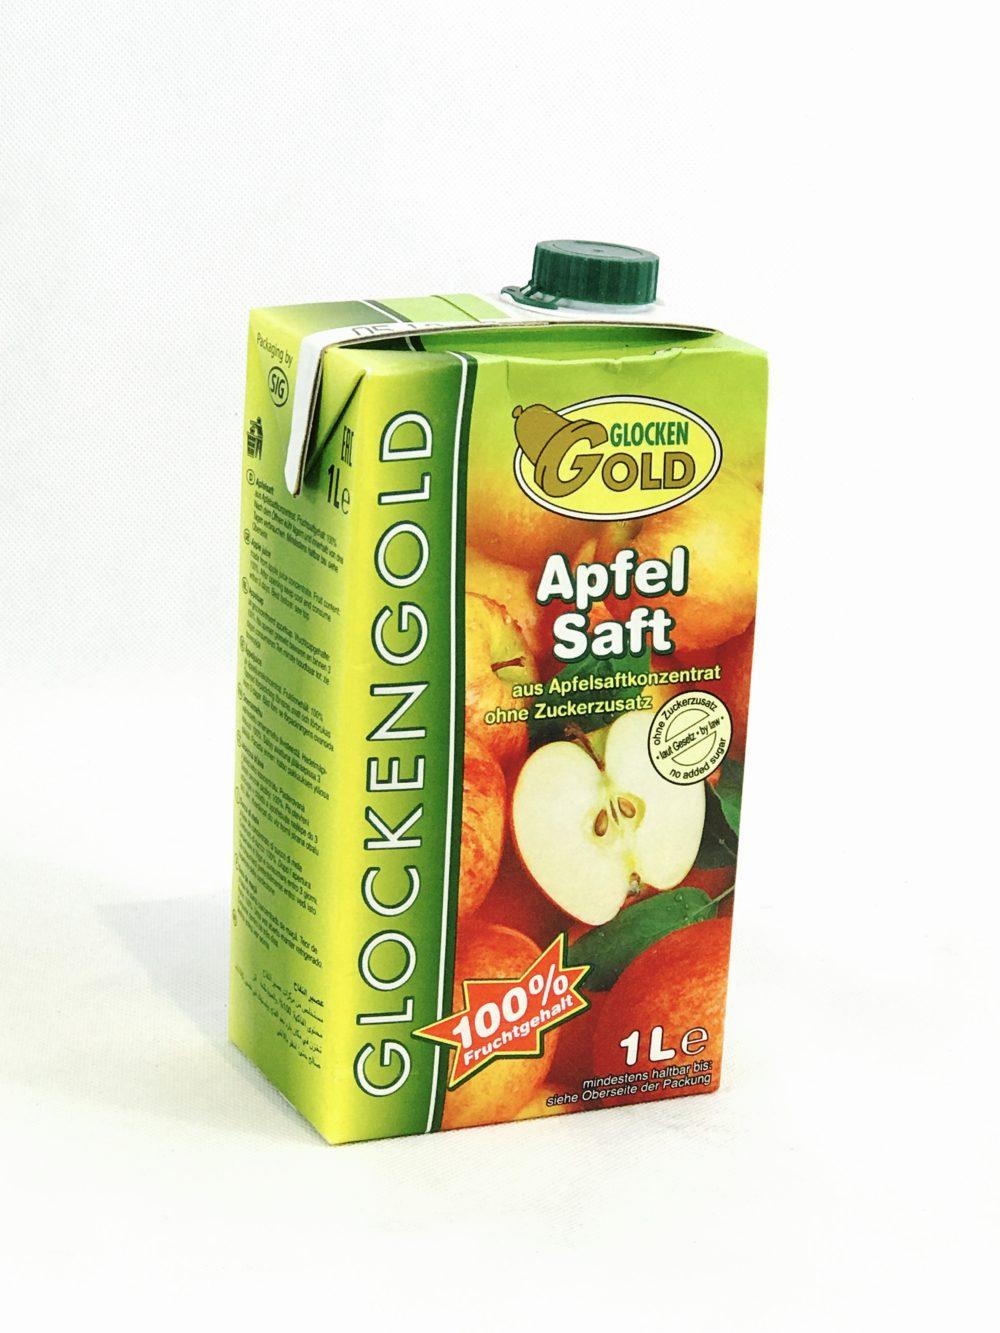 Apfel Saft 1L - SonaFood - Indische, Asiatische & Afro Lebensmittel ...